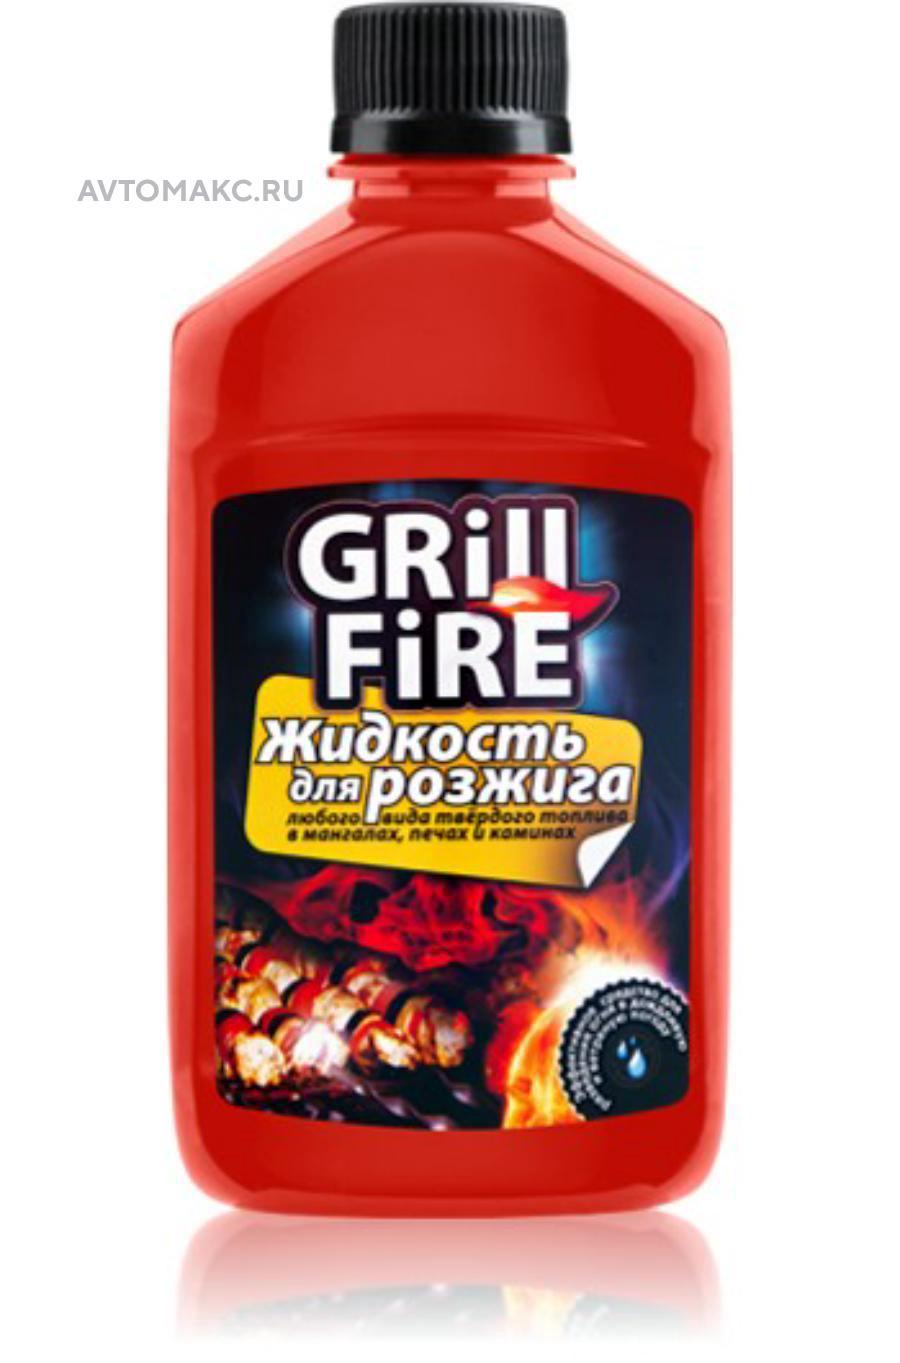 Жидкость для розжига, серия GRILL FIRE, 250 мл,